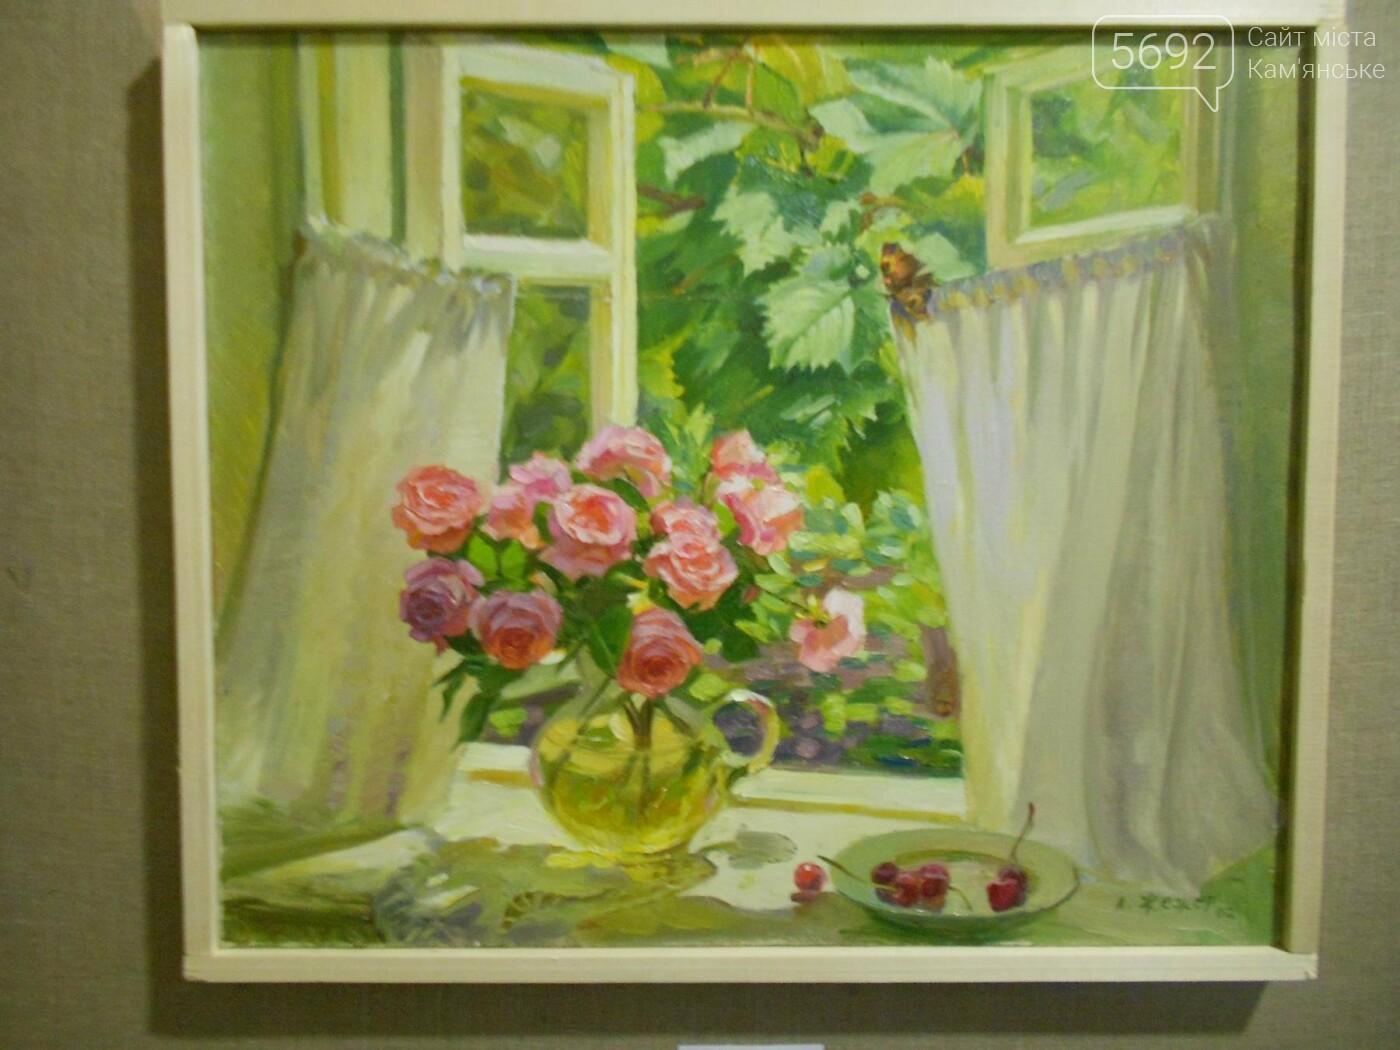 В Каменском открылась юбилейная выставка известного художника Анатолия Жежера, фото-18